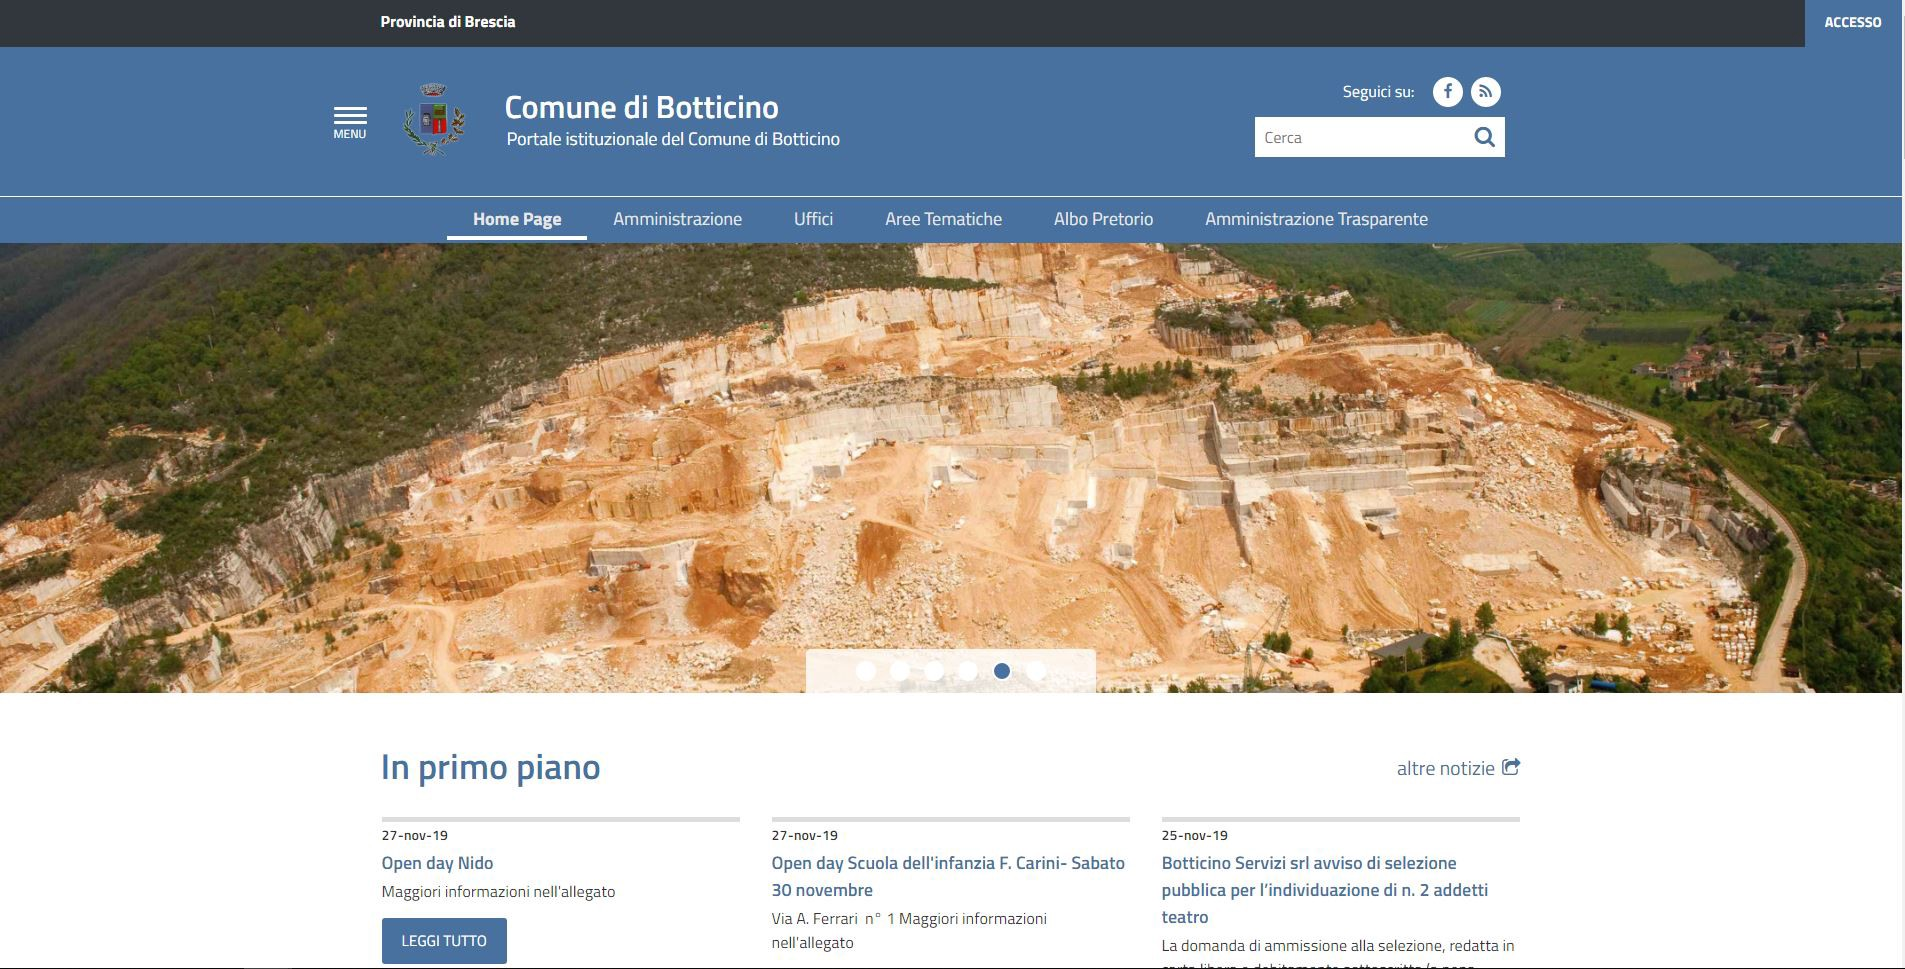 Continua la rivoluzione dei siti web comunali: è il turno di Botticino